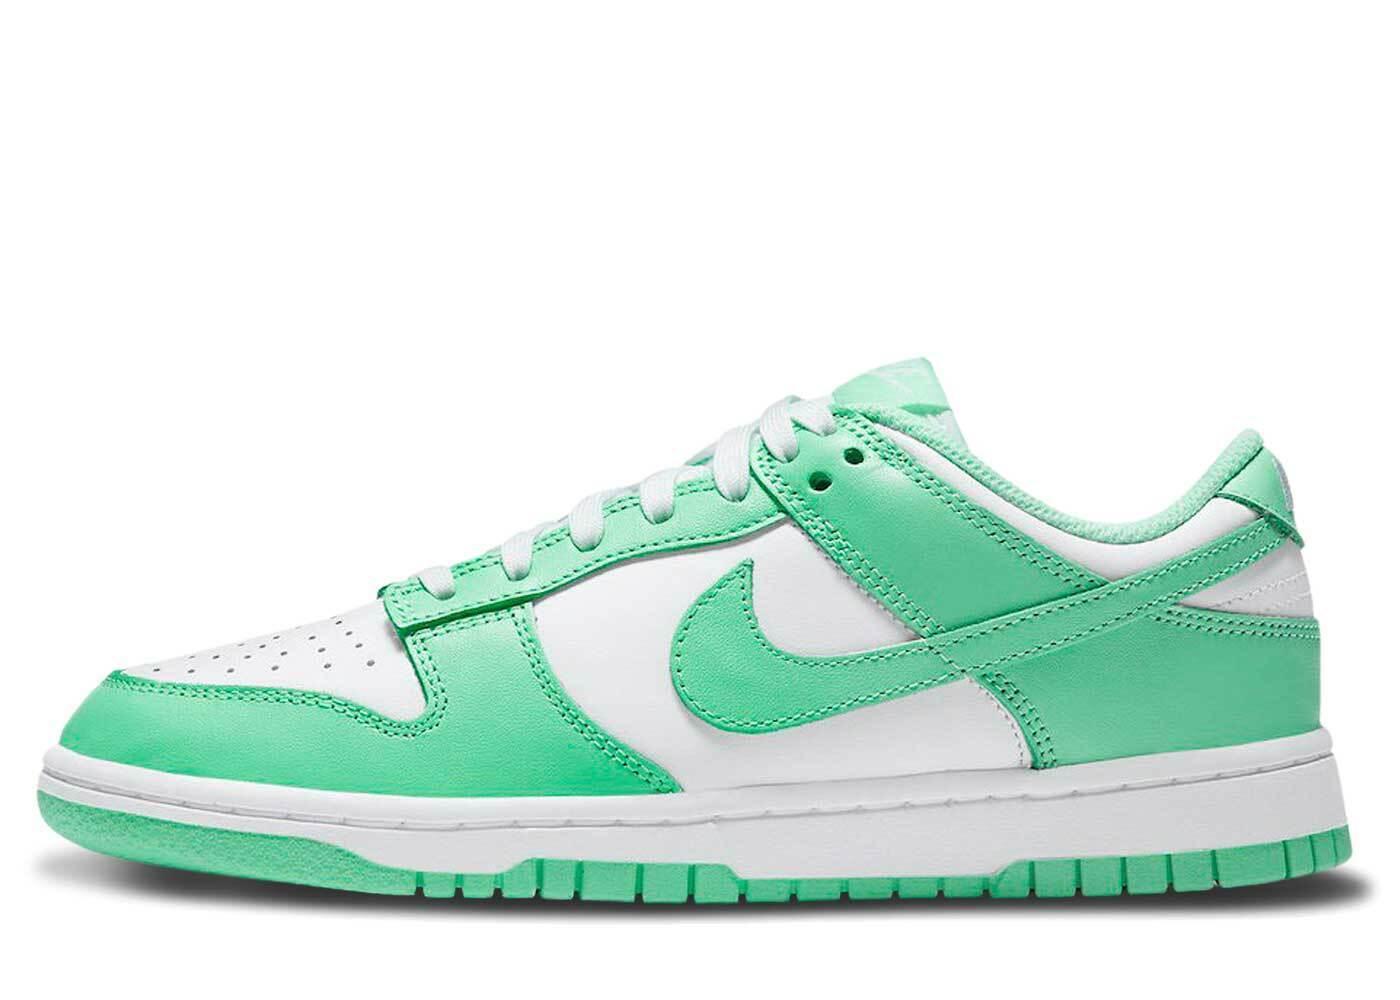 Nike Dunk Low Green Glow Womensの写真